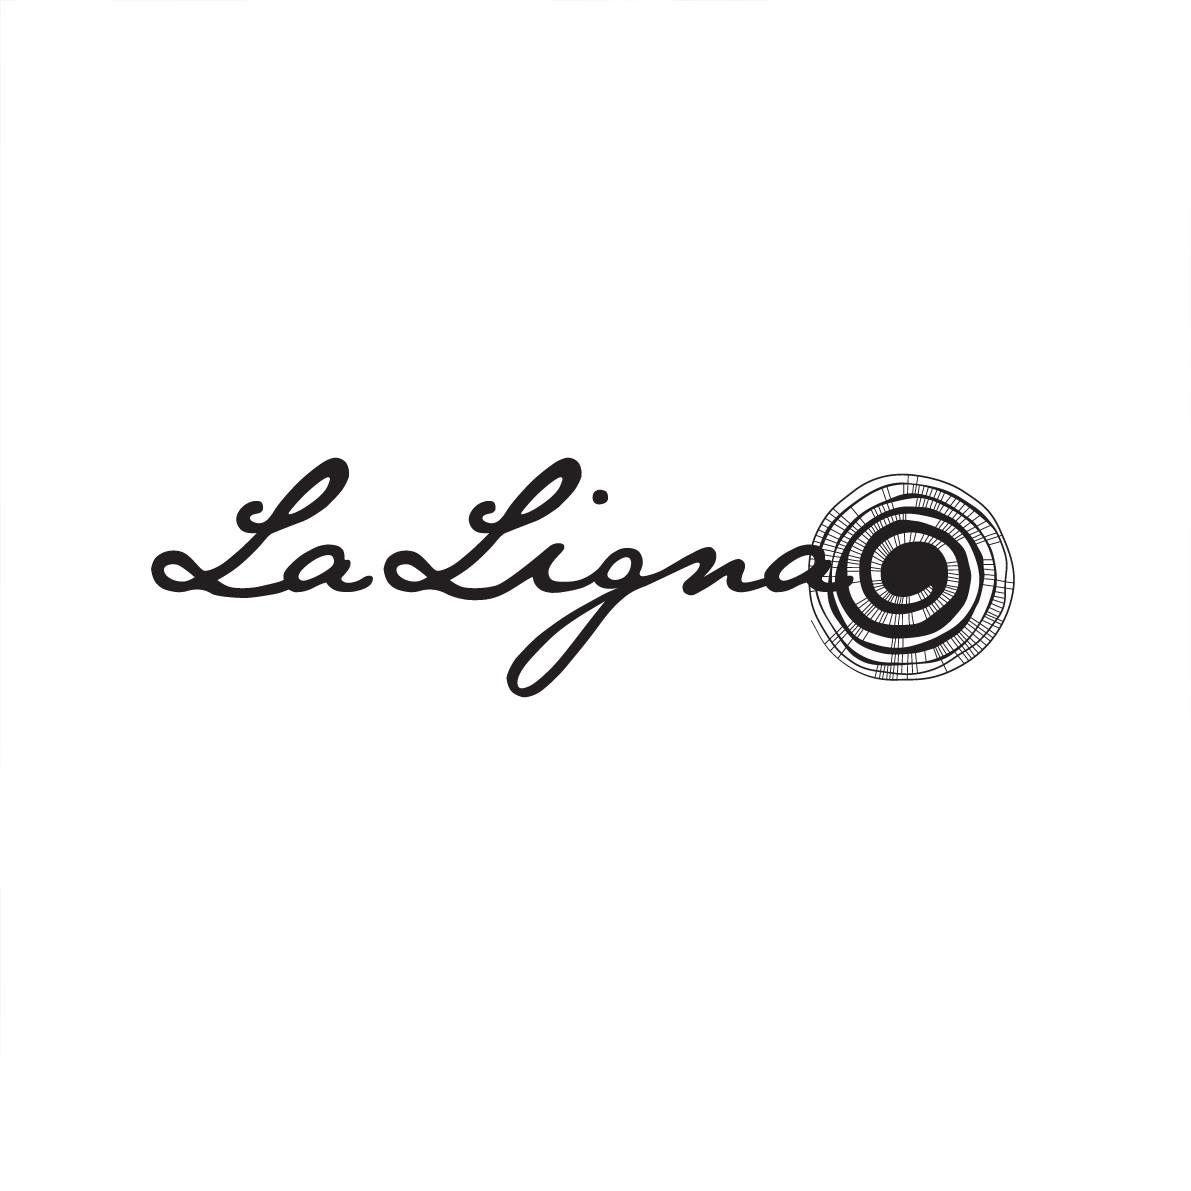 LA LIGNA - Tijdens de Culturele zondag op 2 april a.s. heeft #LaLigna SCHILDERIJEN hangen in de winkel van KUNSTENARES DINY KAMMINGA VISSCHER. . LET OP - La Ligna ontbreekt in het programmaboekje!  Het boekje was al gedrukt, voordat deze kunst bekend werd.  . #Haverstraatpassage 20 - #Enschede (centrum)